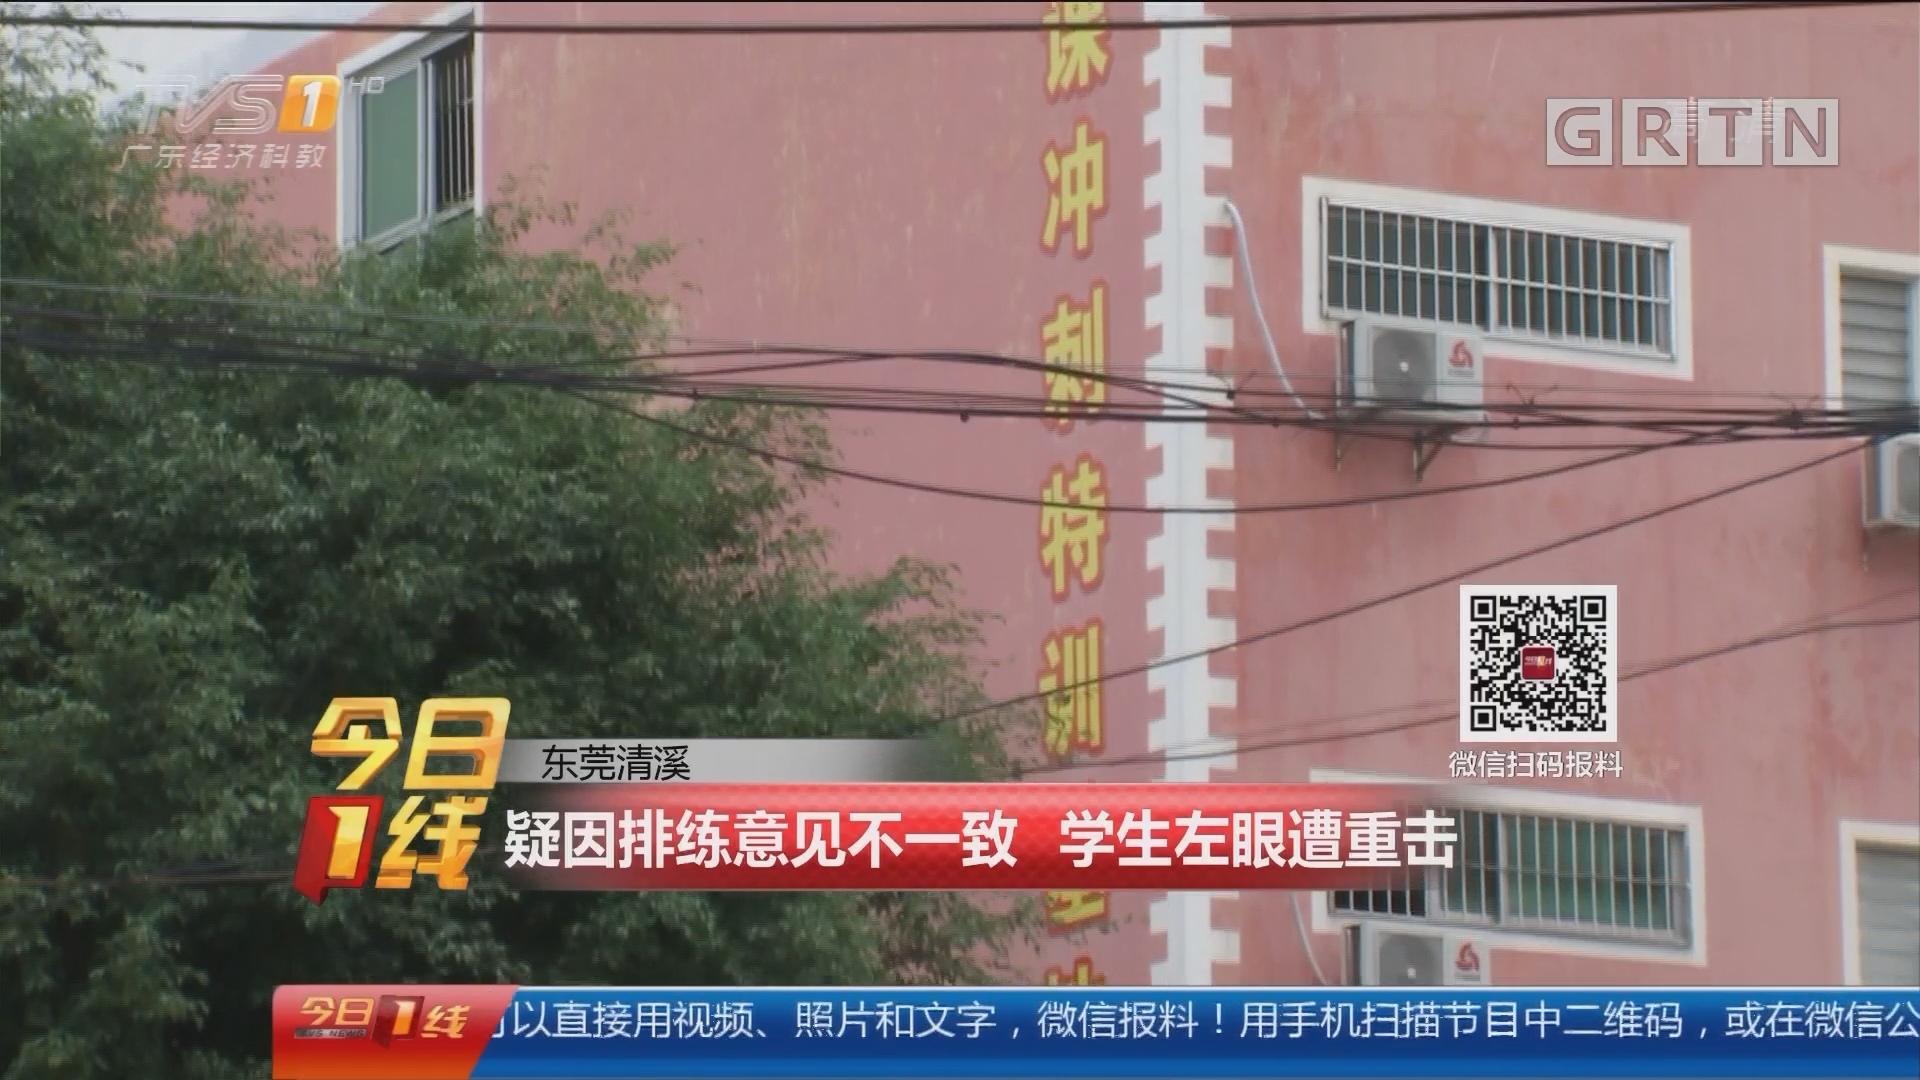 东莞清溪:疑因排练意见不一致 学生左眼遭重击